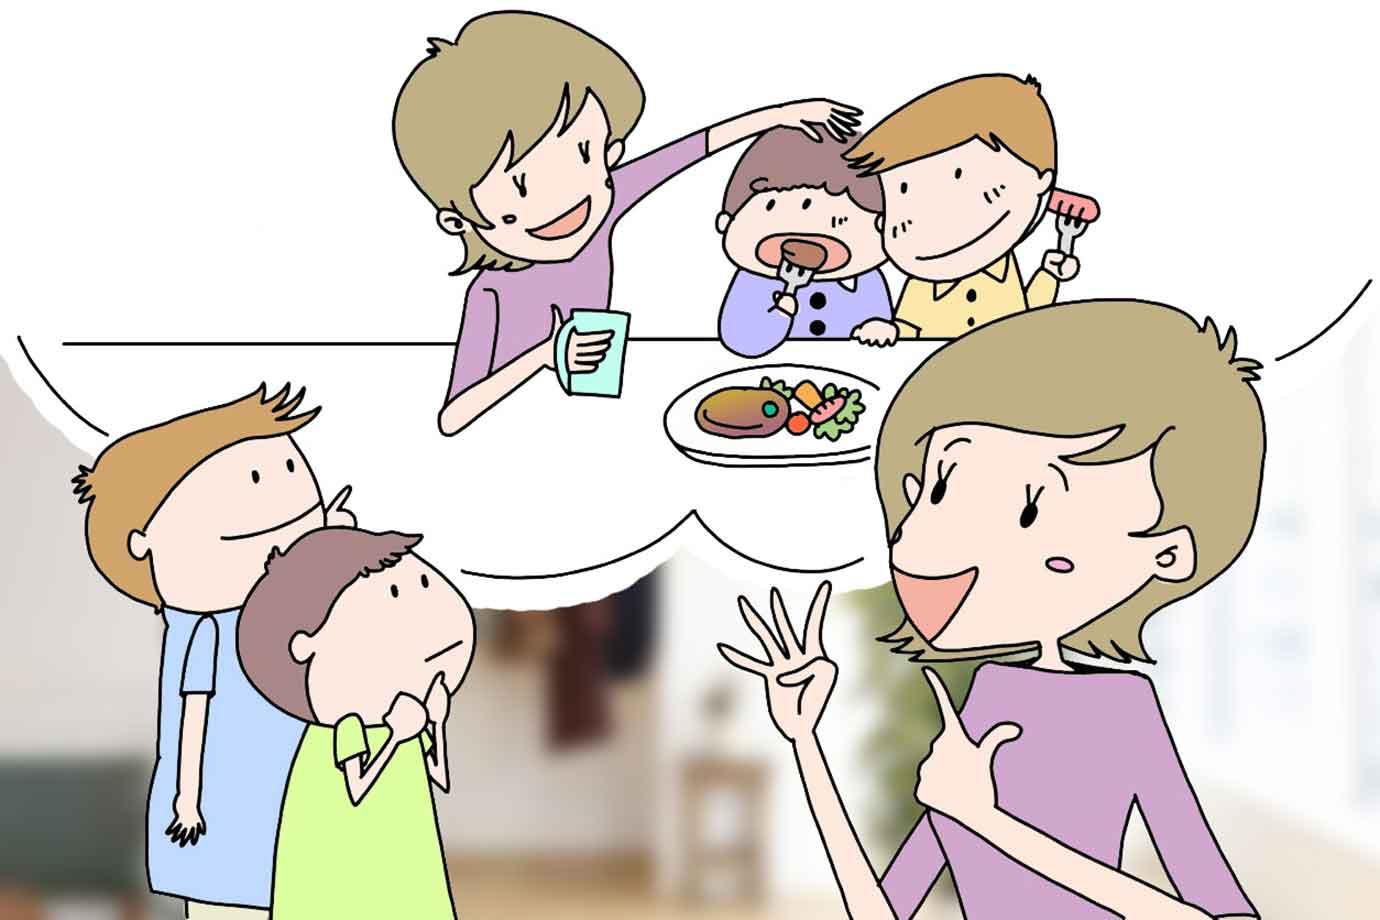 子どもに気持ちを伝え、子どもの気持ちも尊重しながら折り合いをつけていきましょう